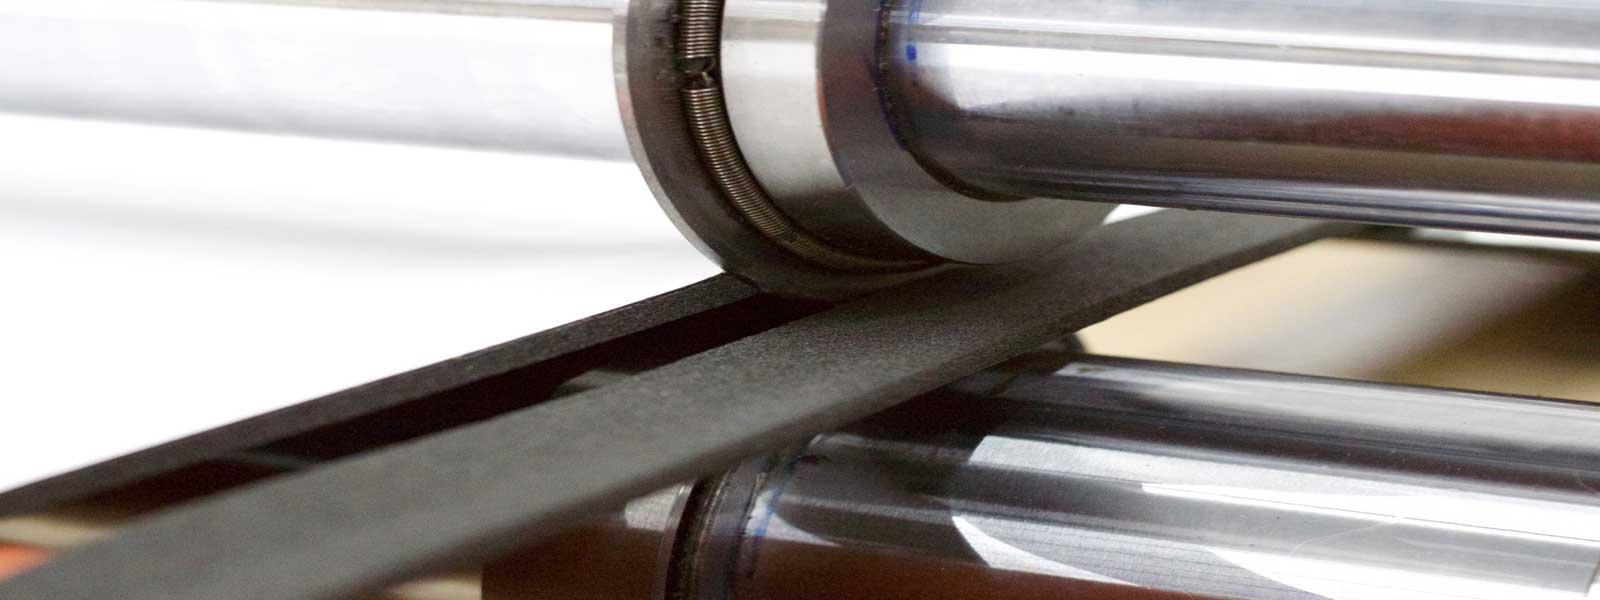 科普 常用薄膜材料有哪些